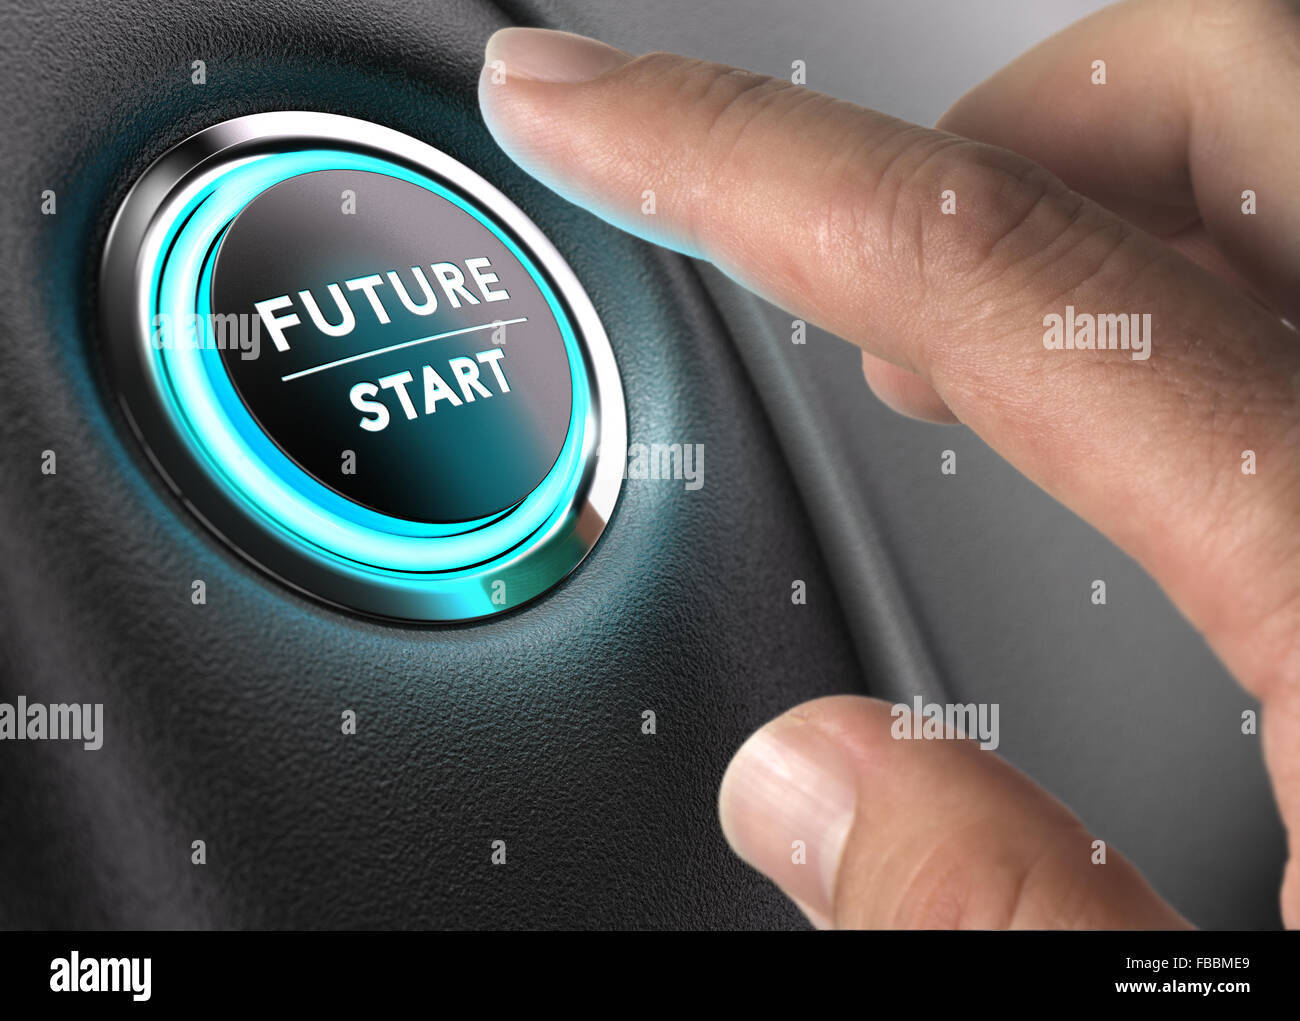 Sobre los dedos para presionar el botón en el futuro con la luz azul sobre fondo negro y gris. imagen concepto Imagen De Stock